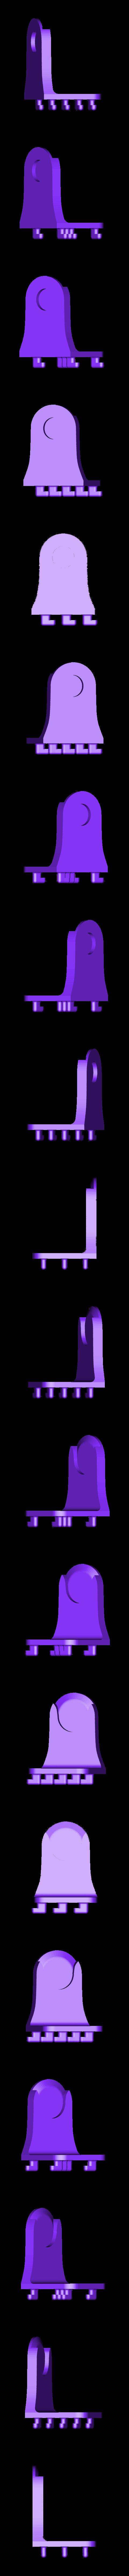 Left_Pegboard_Holder_V1.stl Télécharger fichier STL gratuit Porte-serviettes en papier GRAB et GO. (Pour montage mural ou sur panneau IKEA !) • Design imprimable en 3D, 3DED